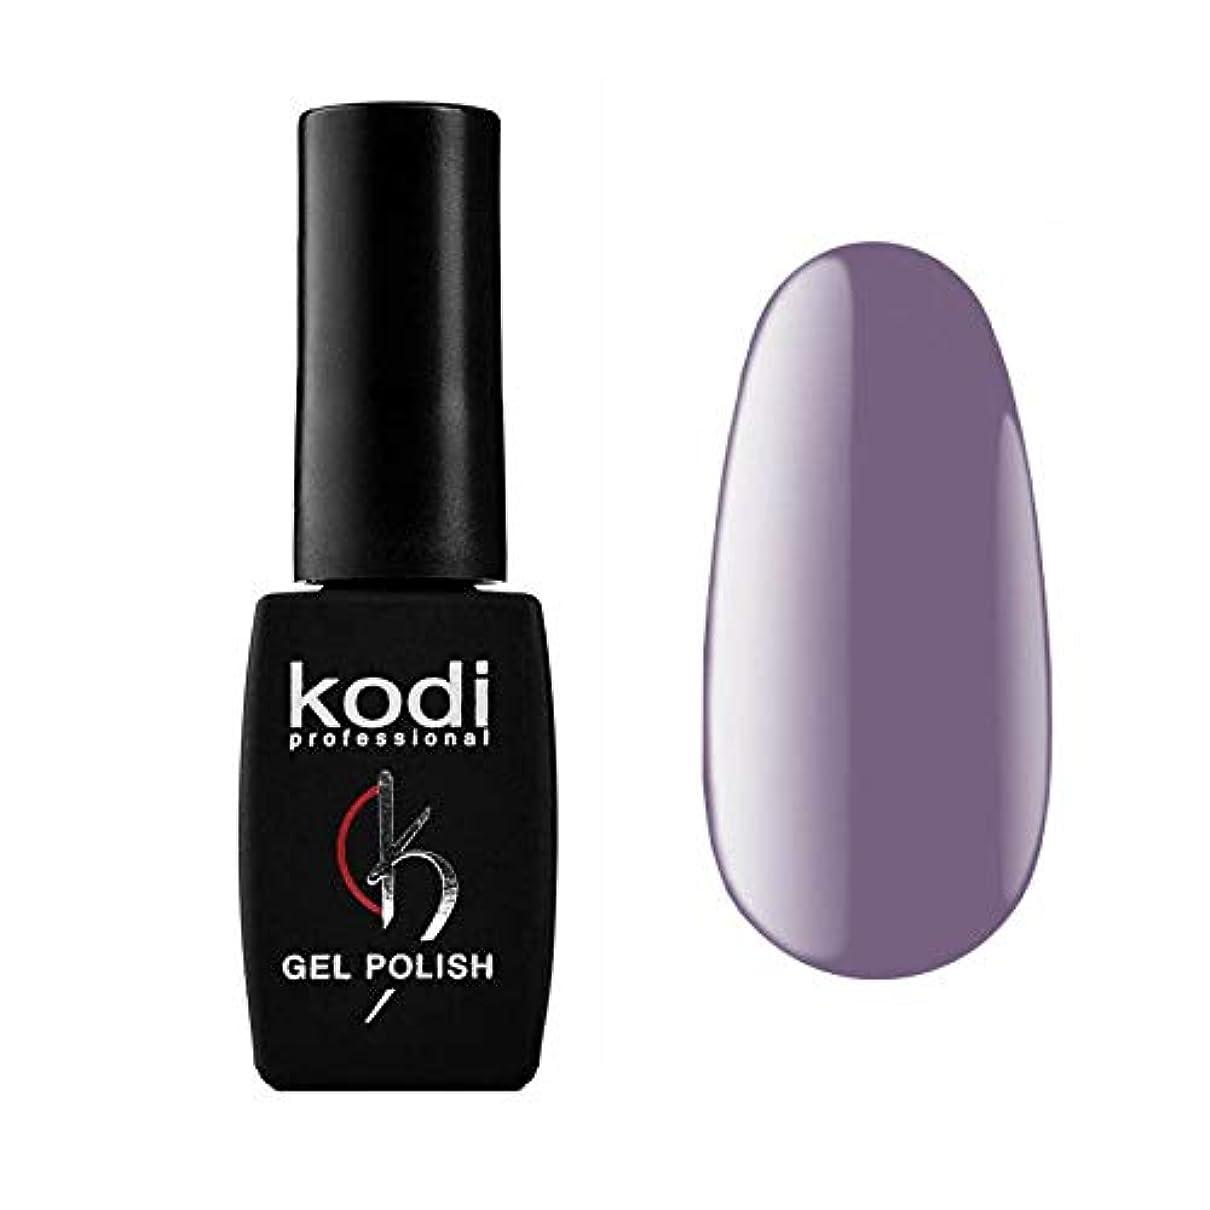 影響力のある統合マッサージKodi Professional New Collection LC LILAC #20 Color Gel Nail Polish 12ml 0.42 Fl Oz LED UV Genuine Soak Off